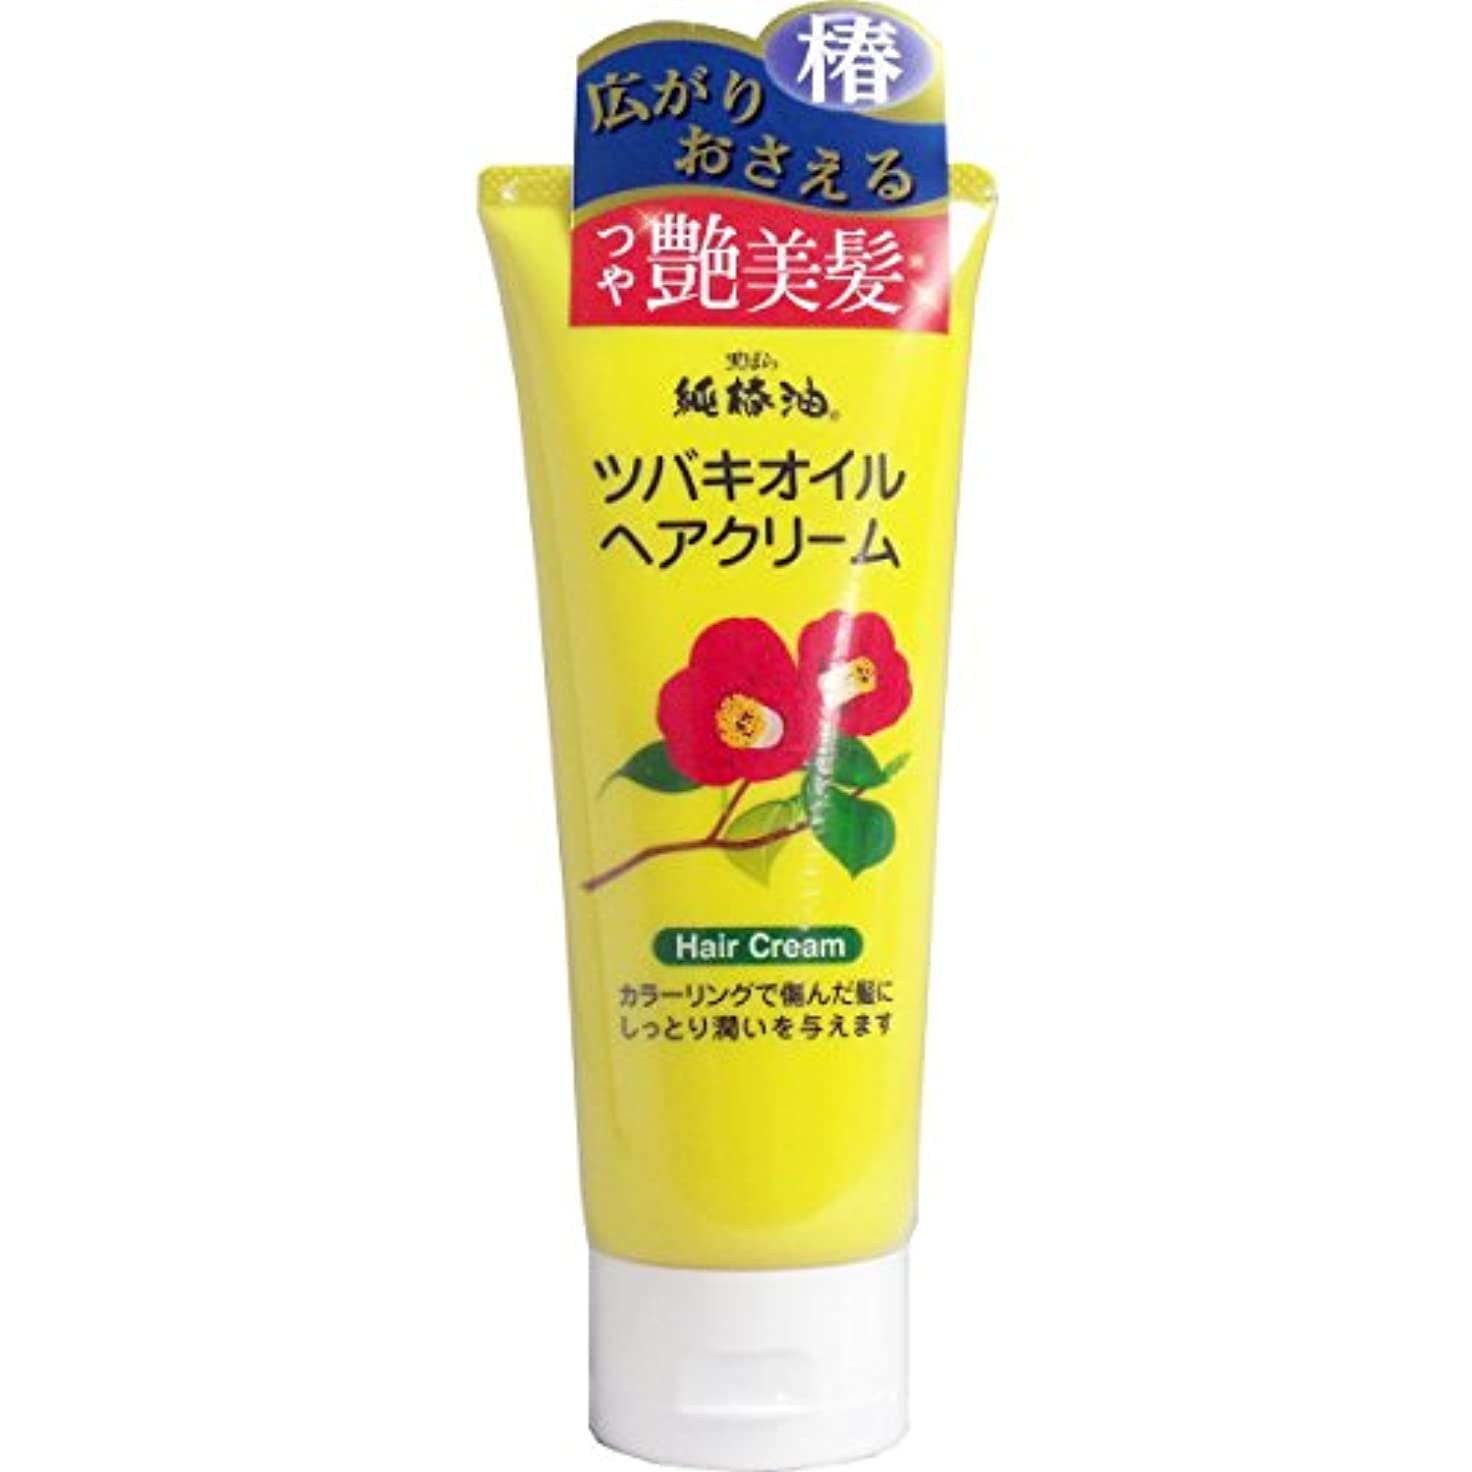 貨物リビングルーム角度【まとめ買い】黒ばら純椿油 ツバキオイルヘアクリーム 150g ×2セット